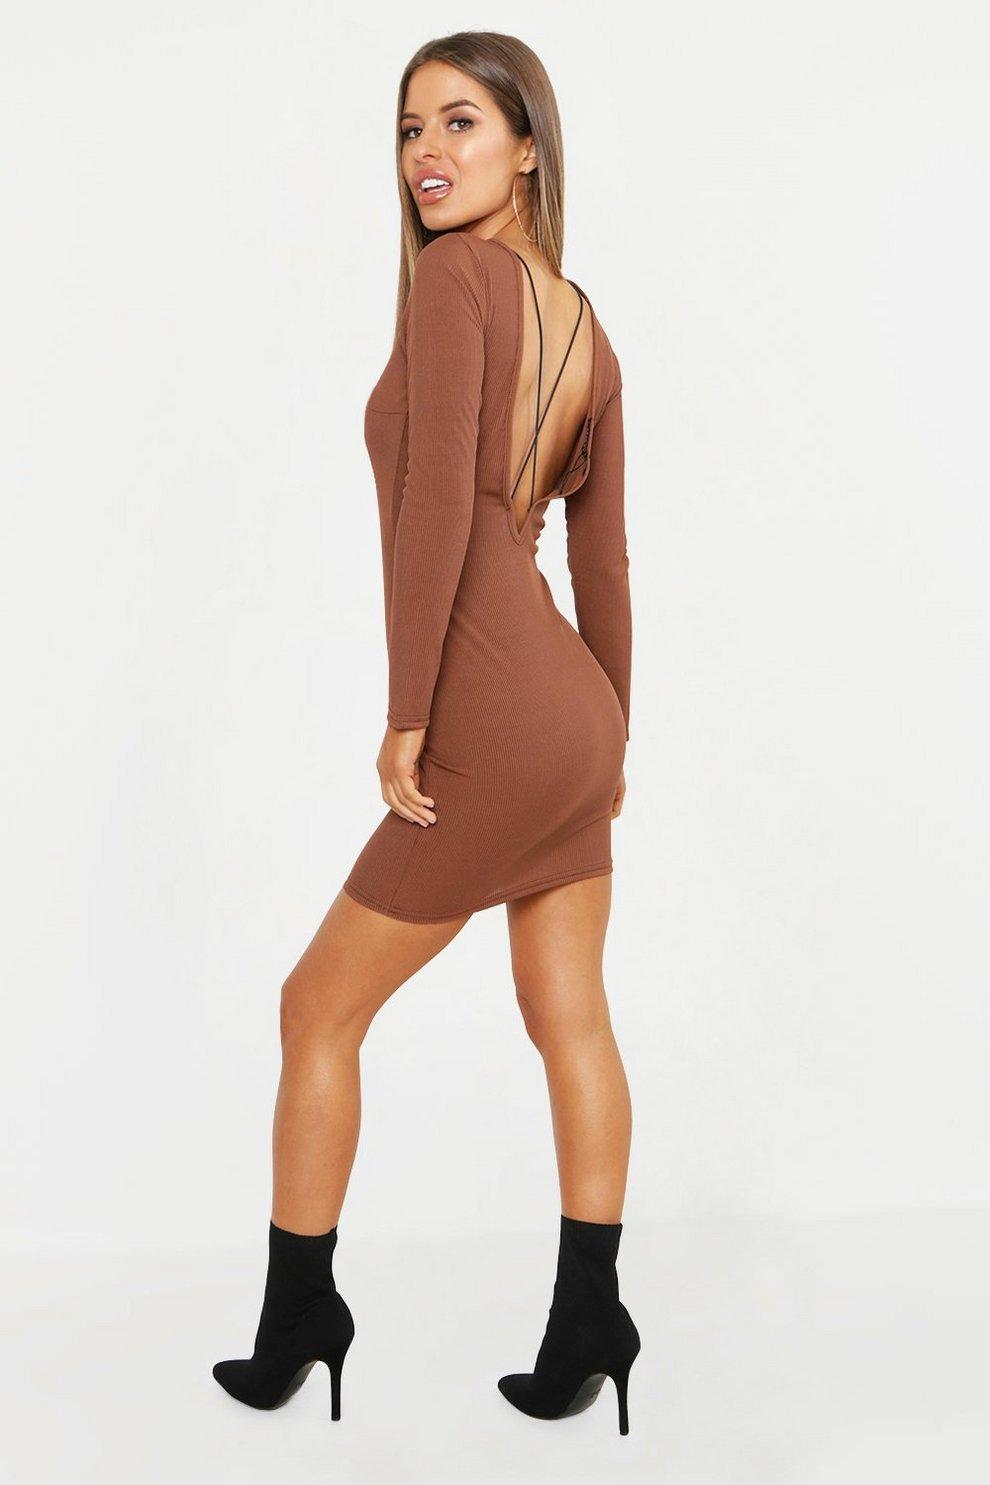 ccbd5bd35b93 Petite abito corto e aderente a coste con dettaglio incrociato sul retro